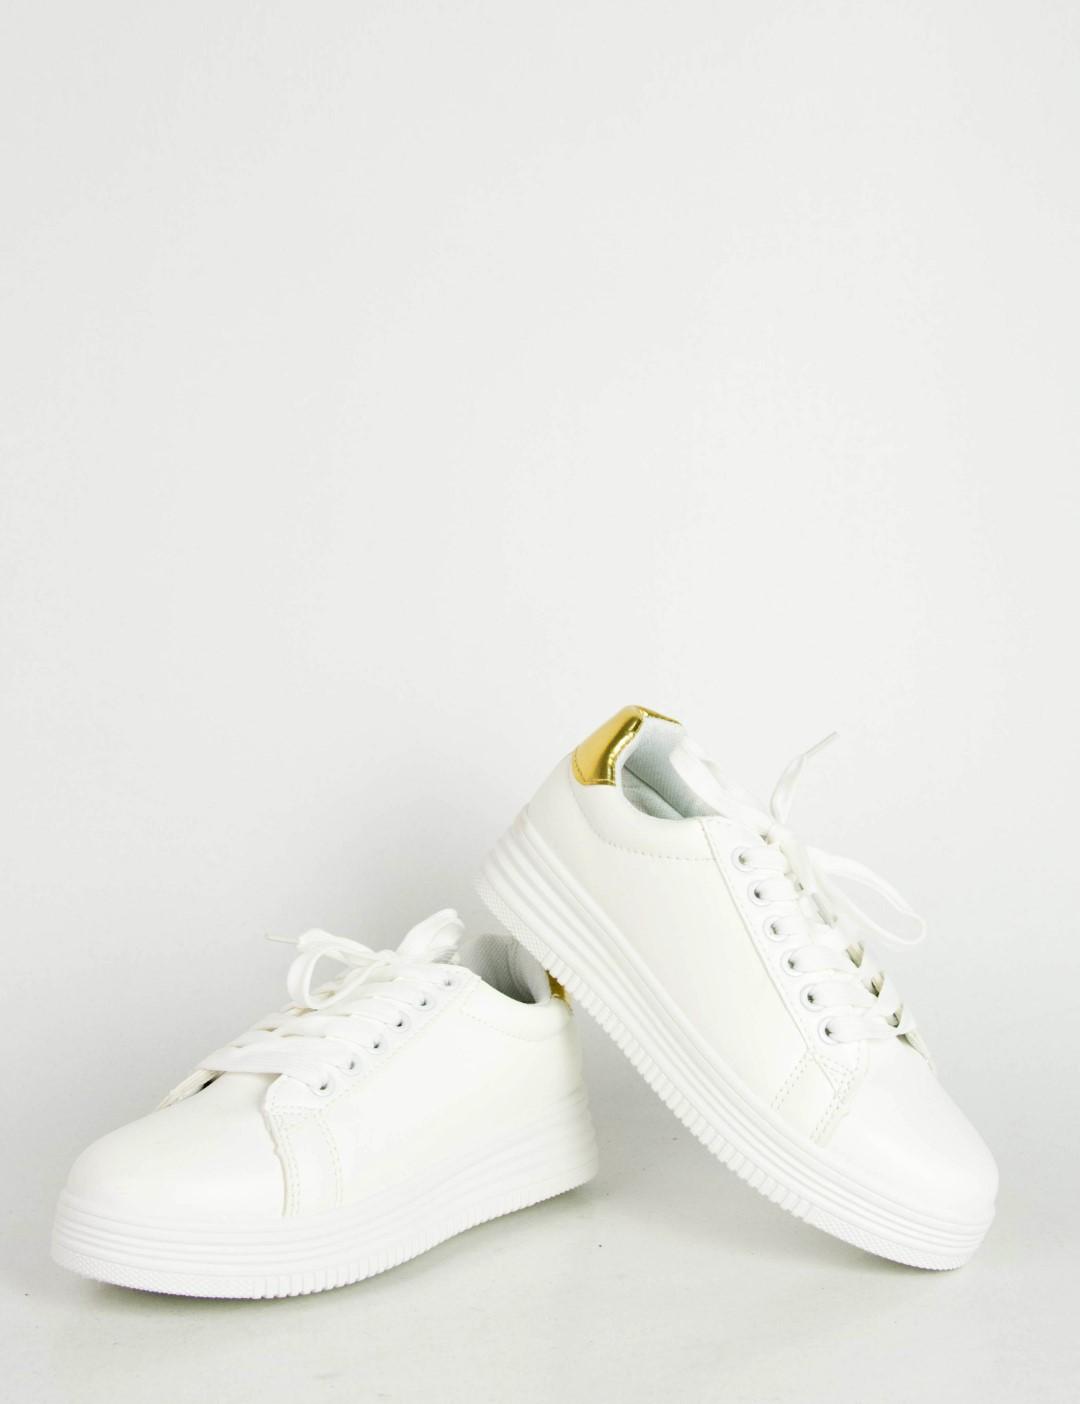 Γυναικεία λευκά χρυσό μονόχρωμα Sneakers κορδόνια LBS6516F f1b77a4f29c